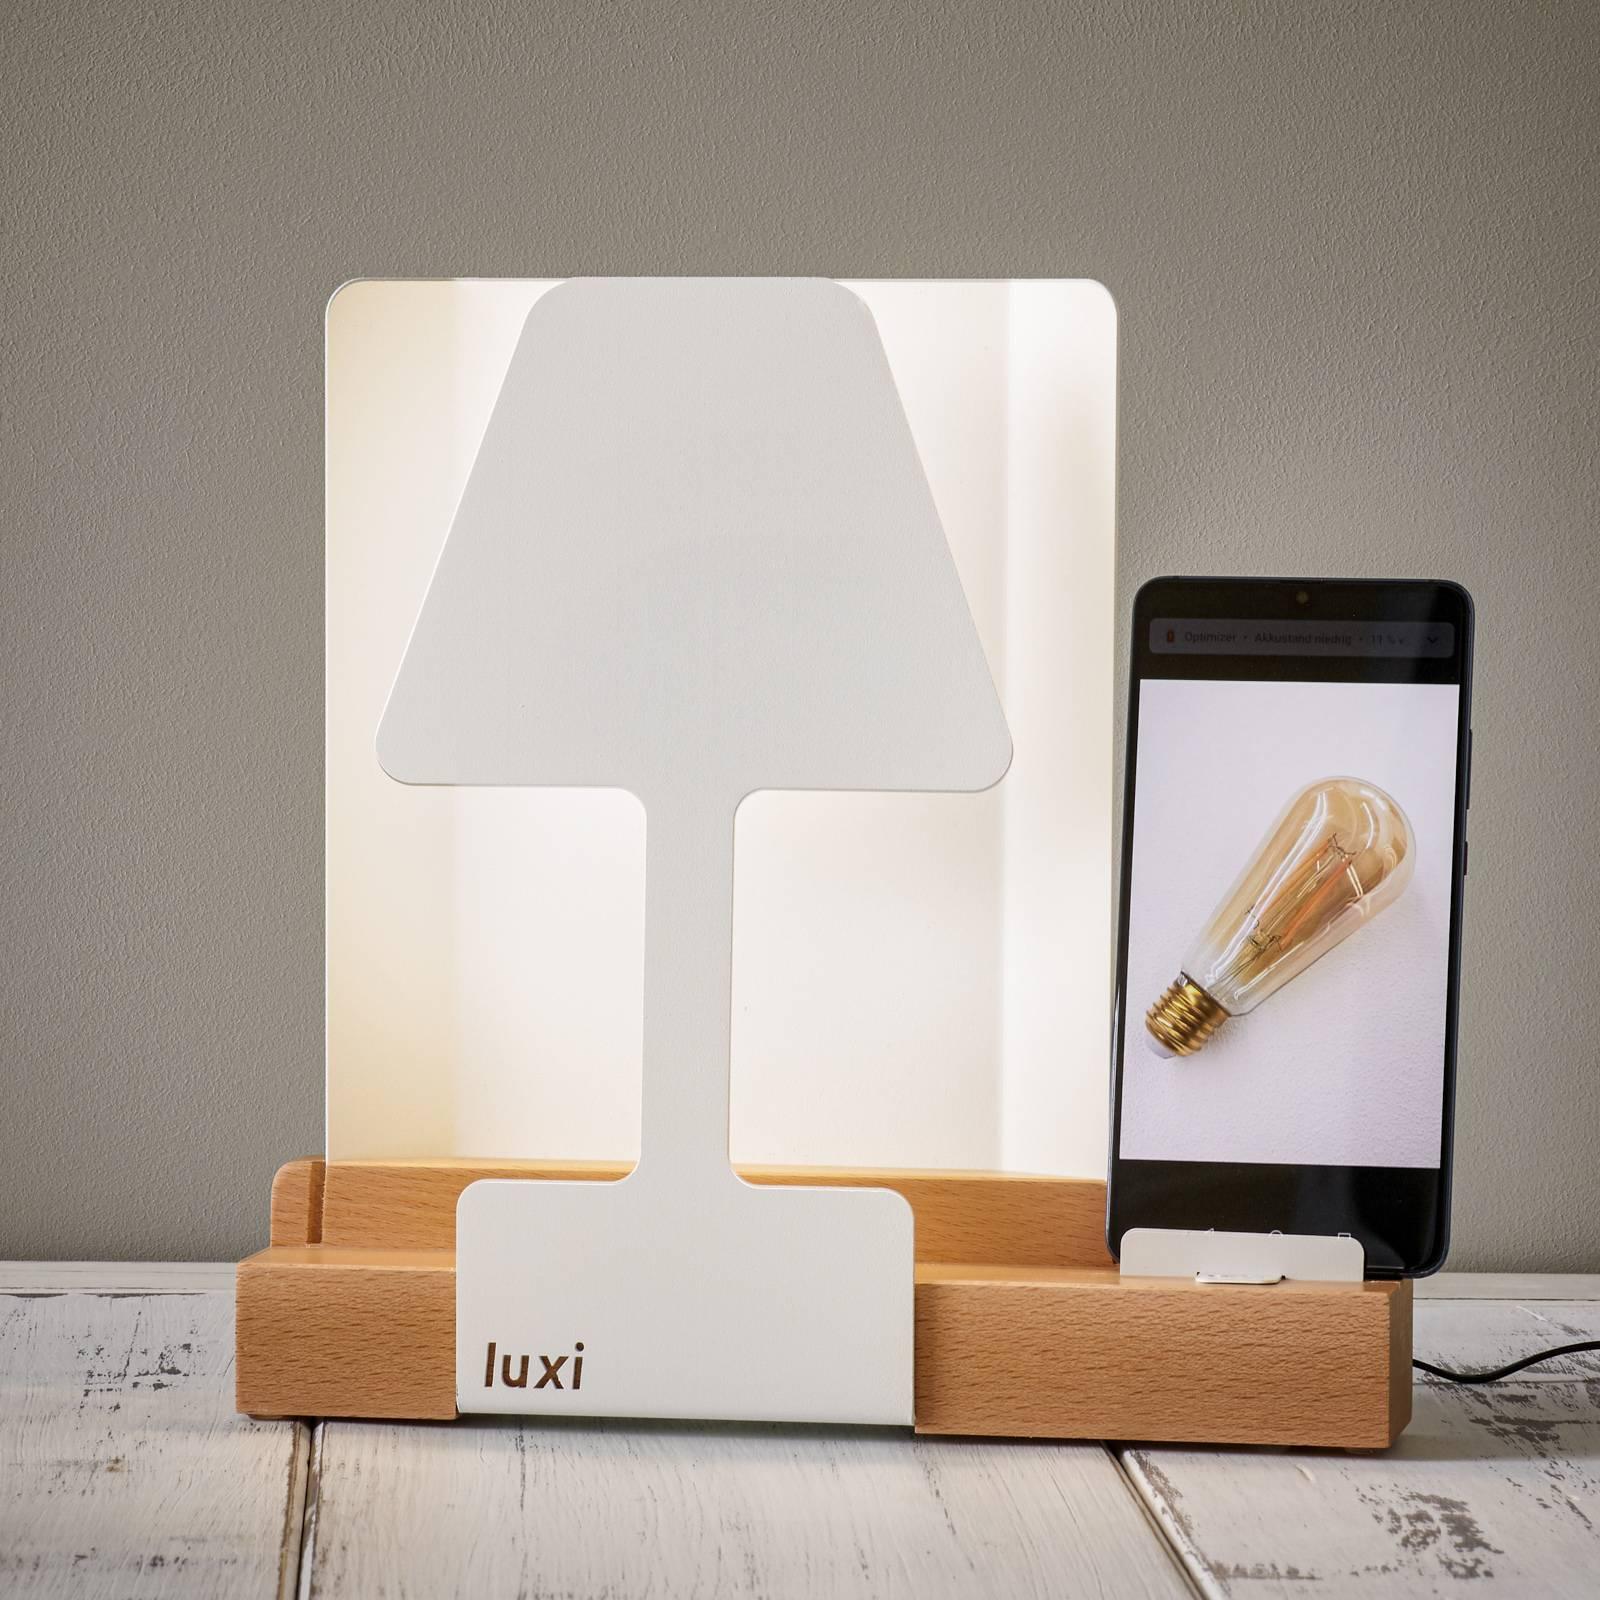 LED-pöytälamppu Luxi integroidulla latausasemalla